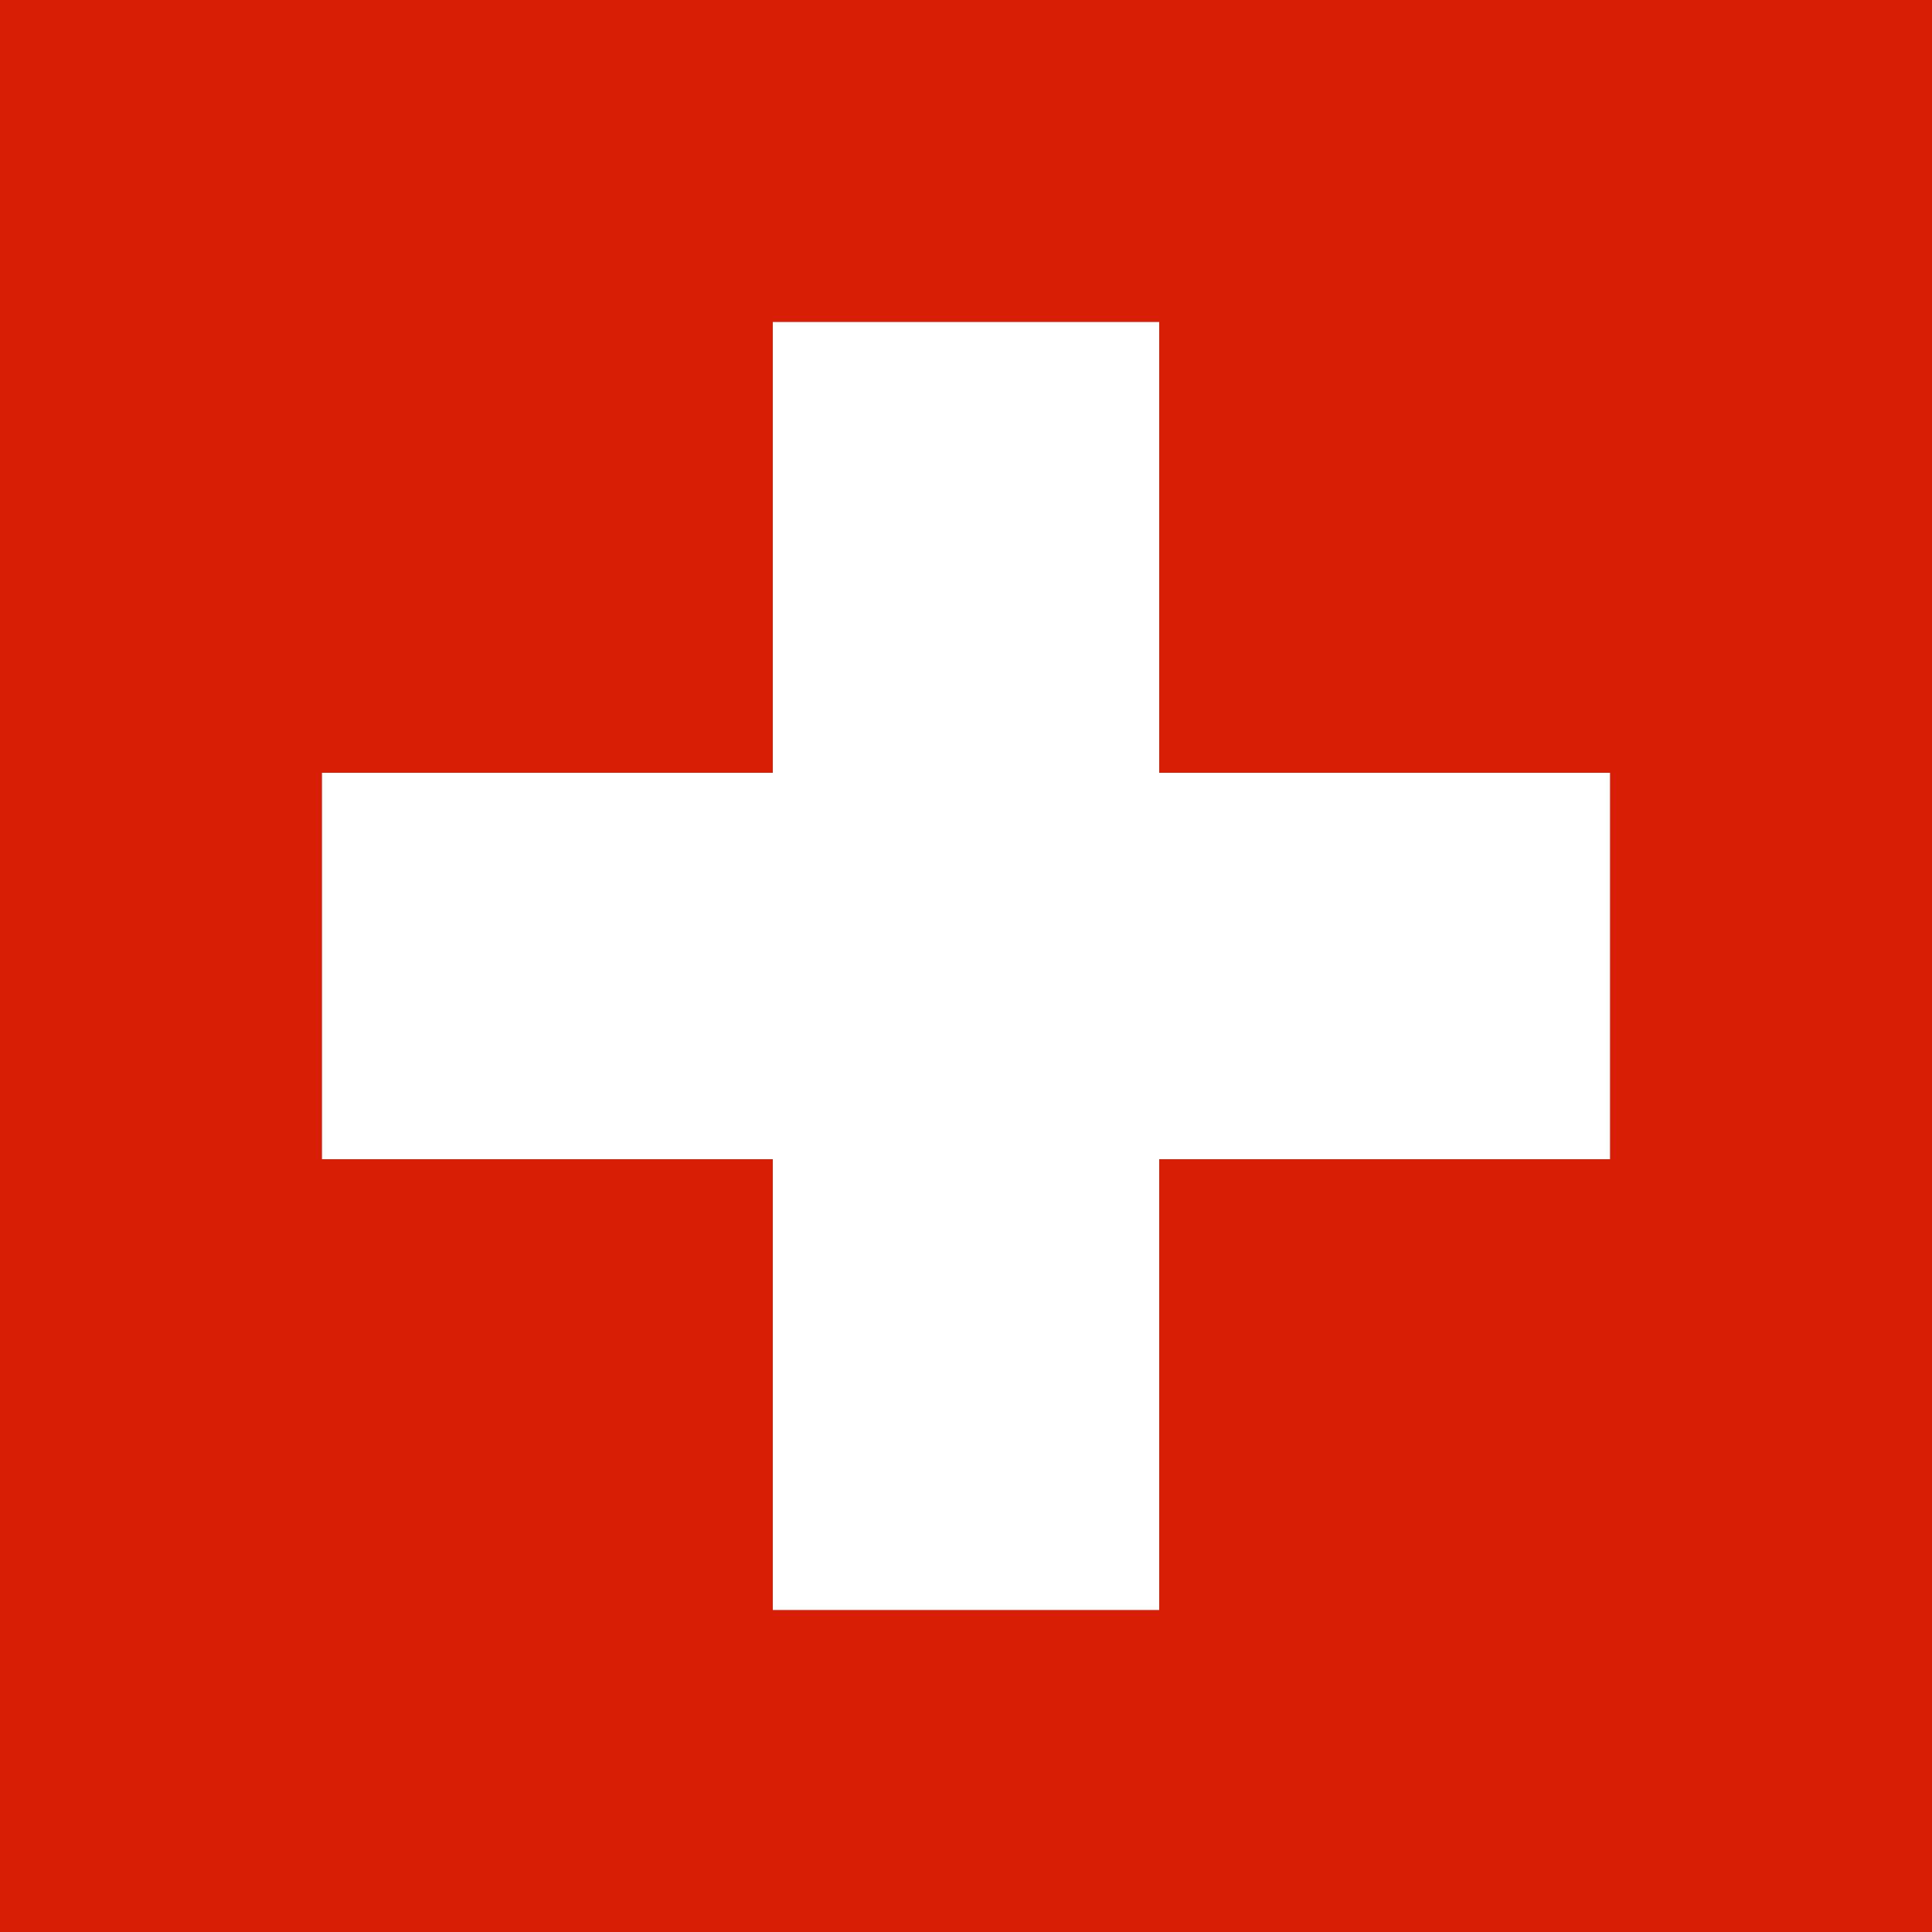 Ελβετία, país, emblema, insignia, σύμβολο - Wallpapers HD - Professor-falken.com